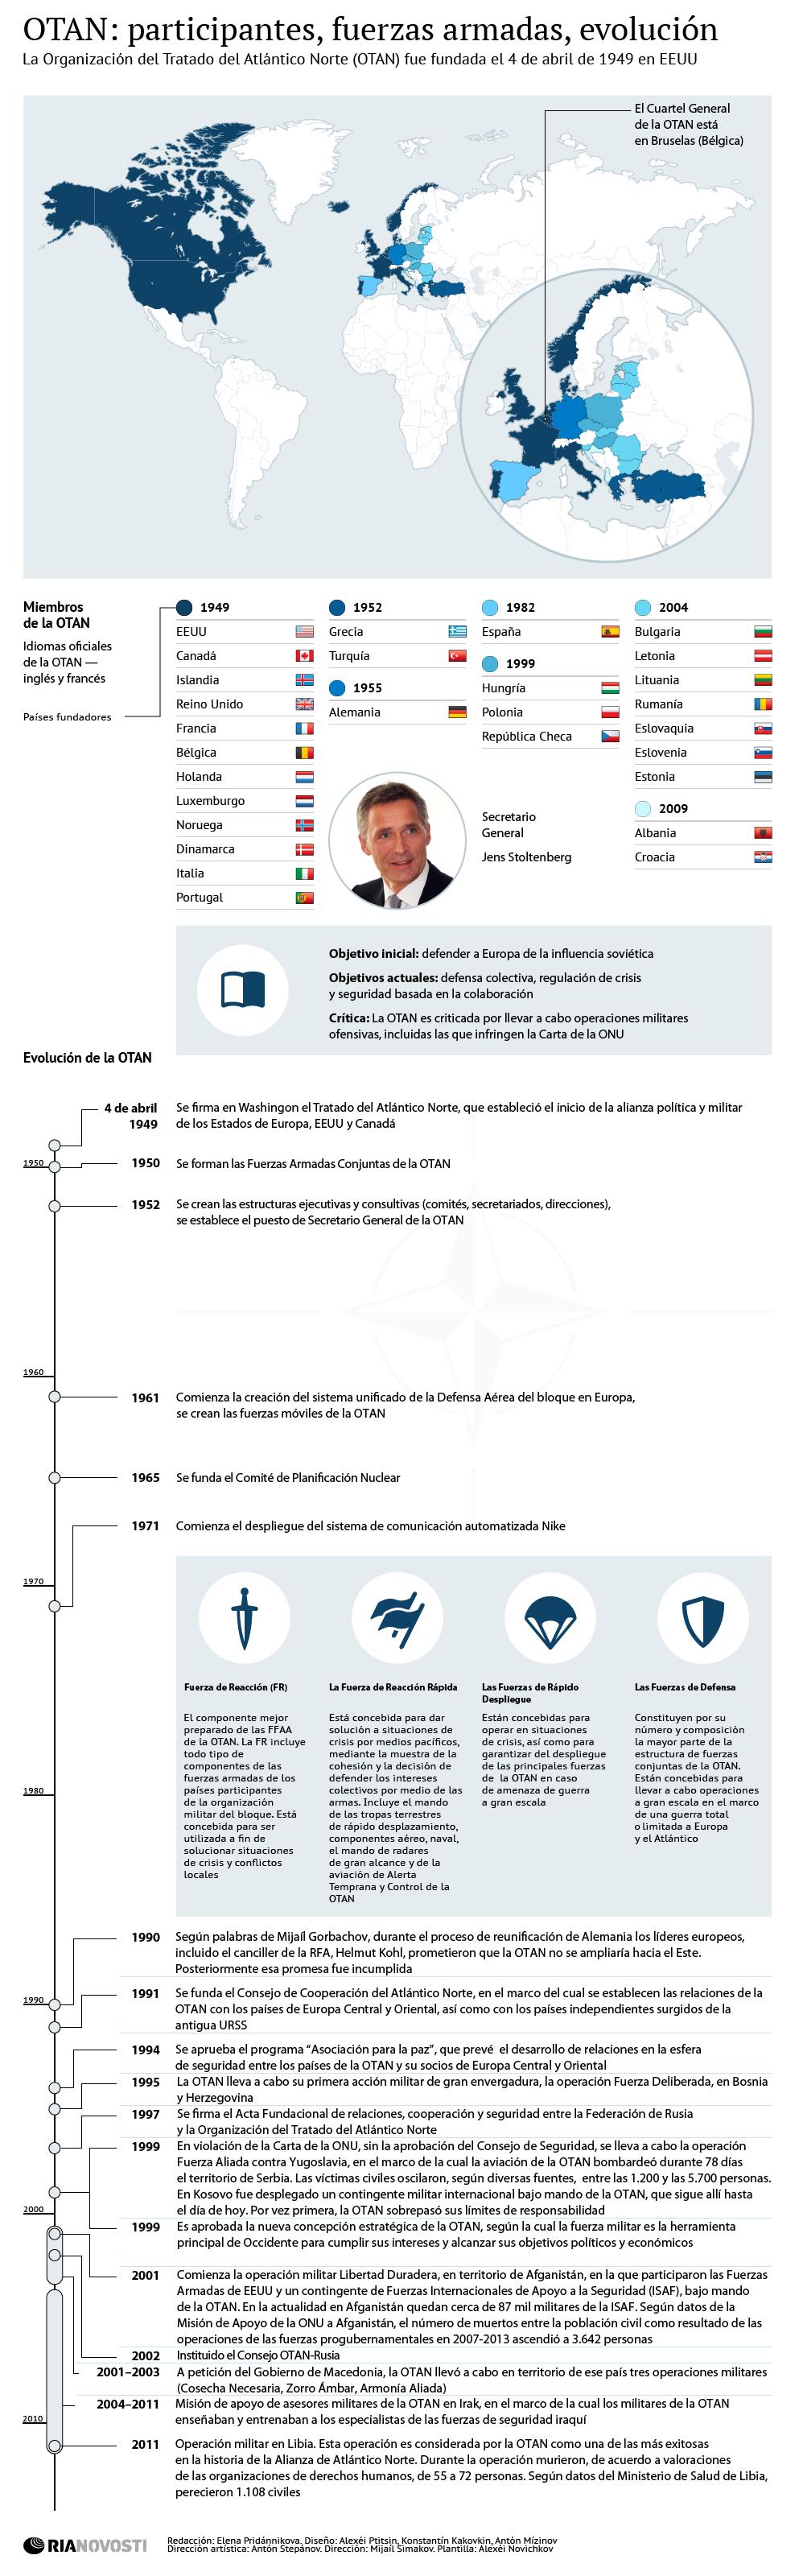 OTAN: participantes, fuerzas armadas, evolución